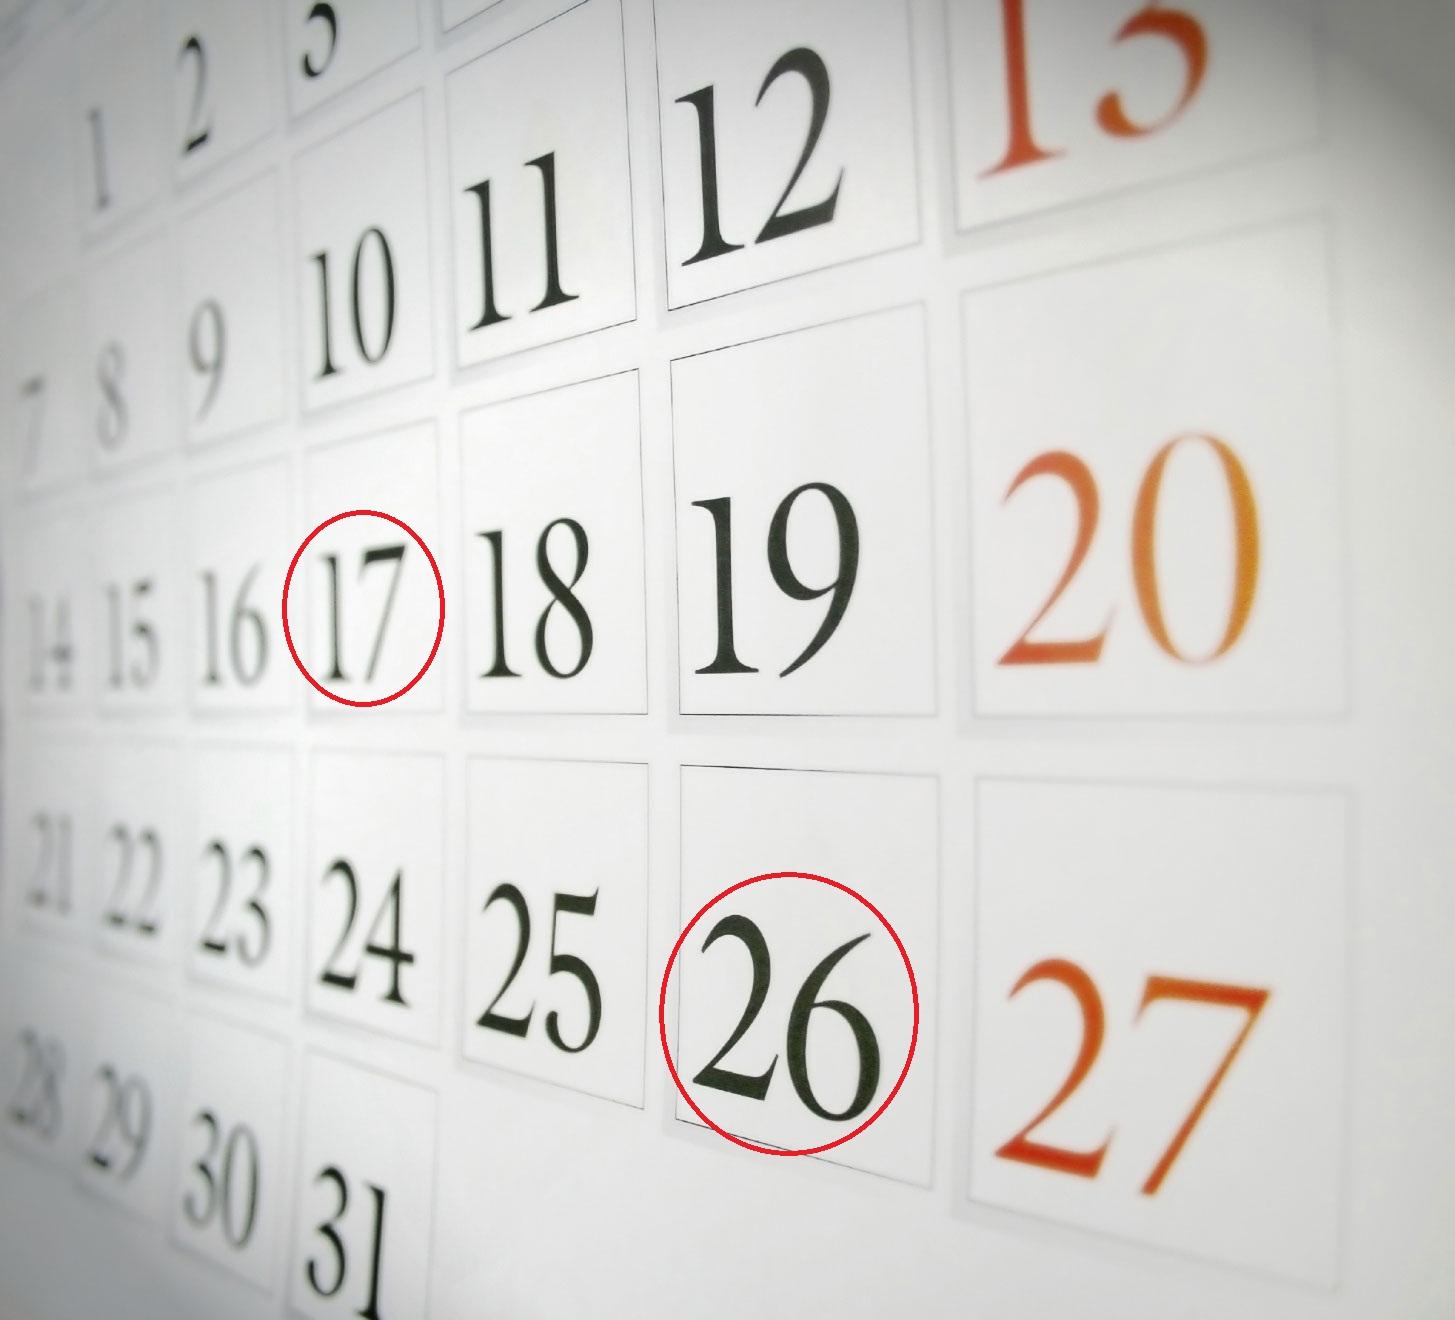 Calendario Sportivo.Calendario Sport 2013 Le Date Dei Principali Eventi